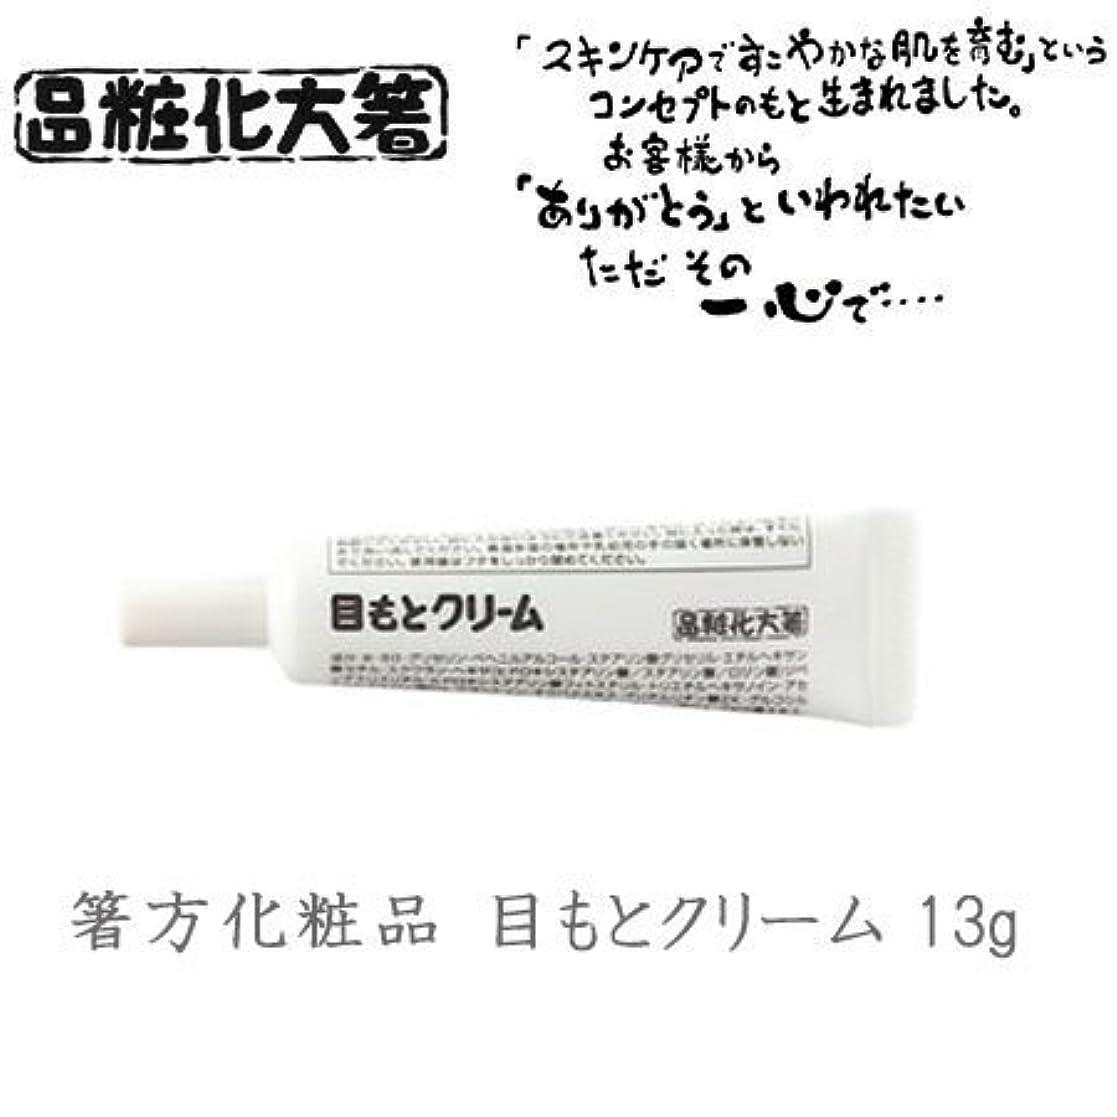 測るアサー馬鹿げた箸方化粧品 目もとクリーム 13g はしかた化粧品